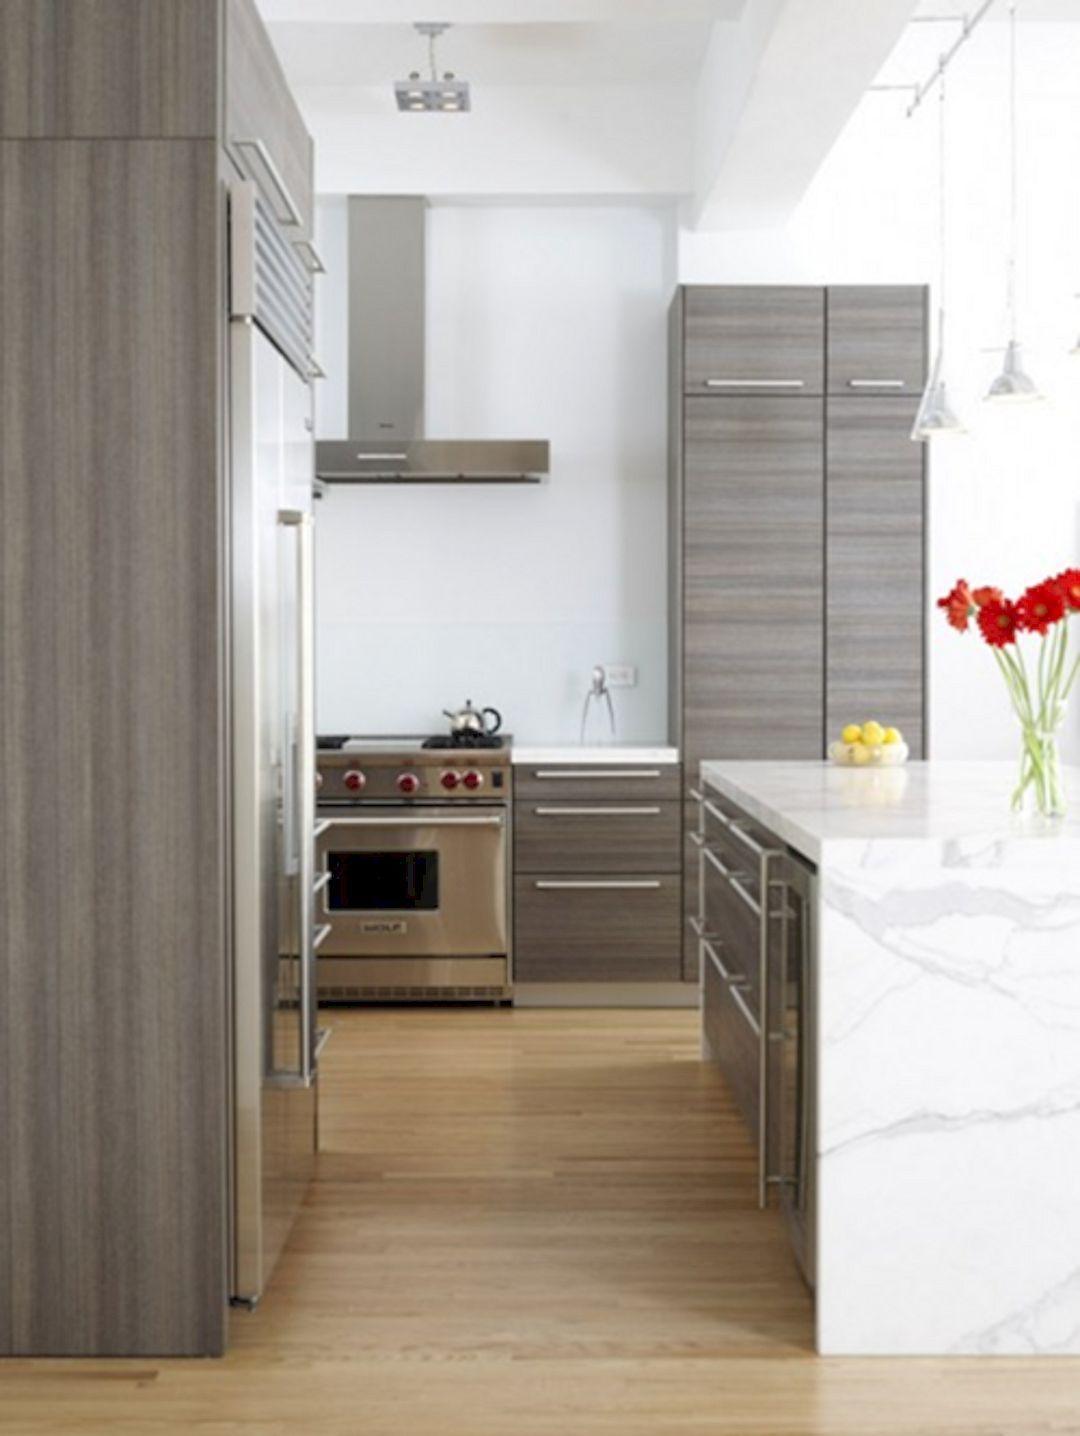 Stylish modern kitchen cabinet design modern kitchen cabinets